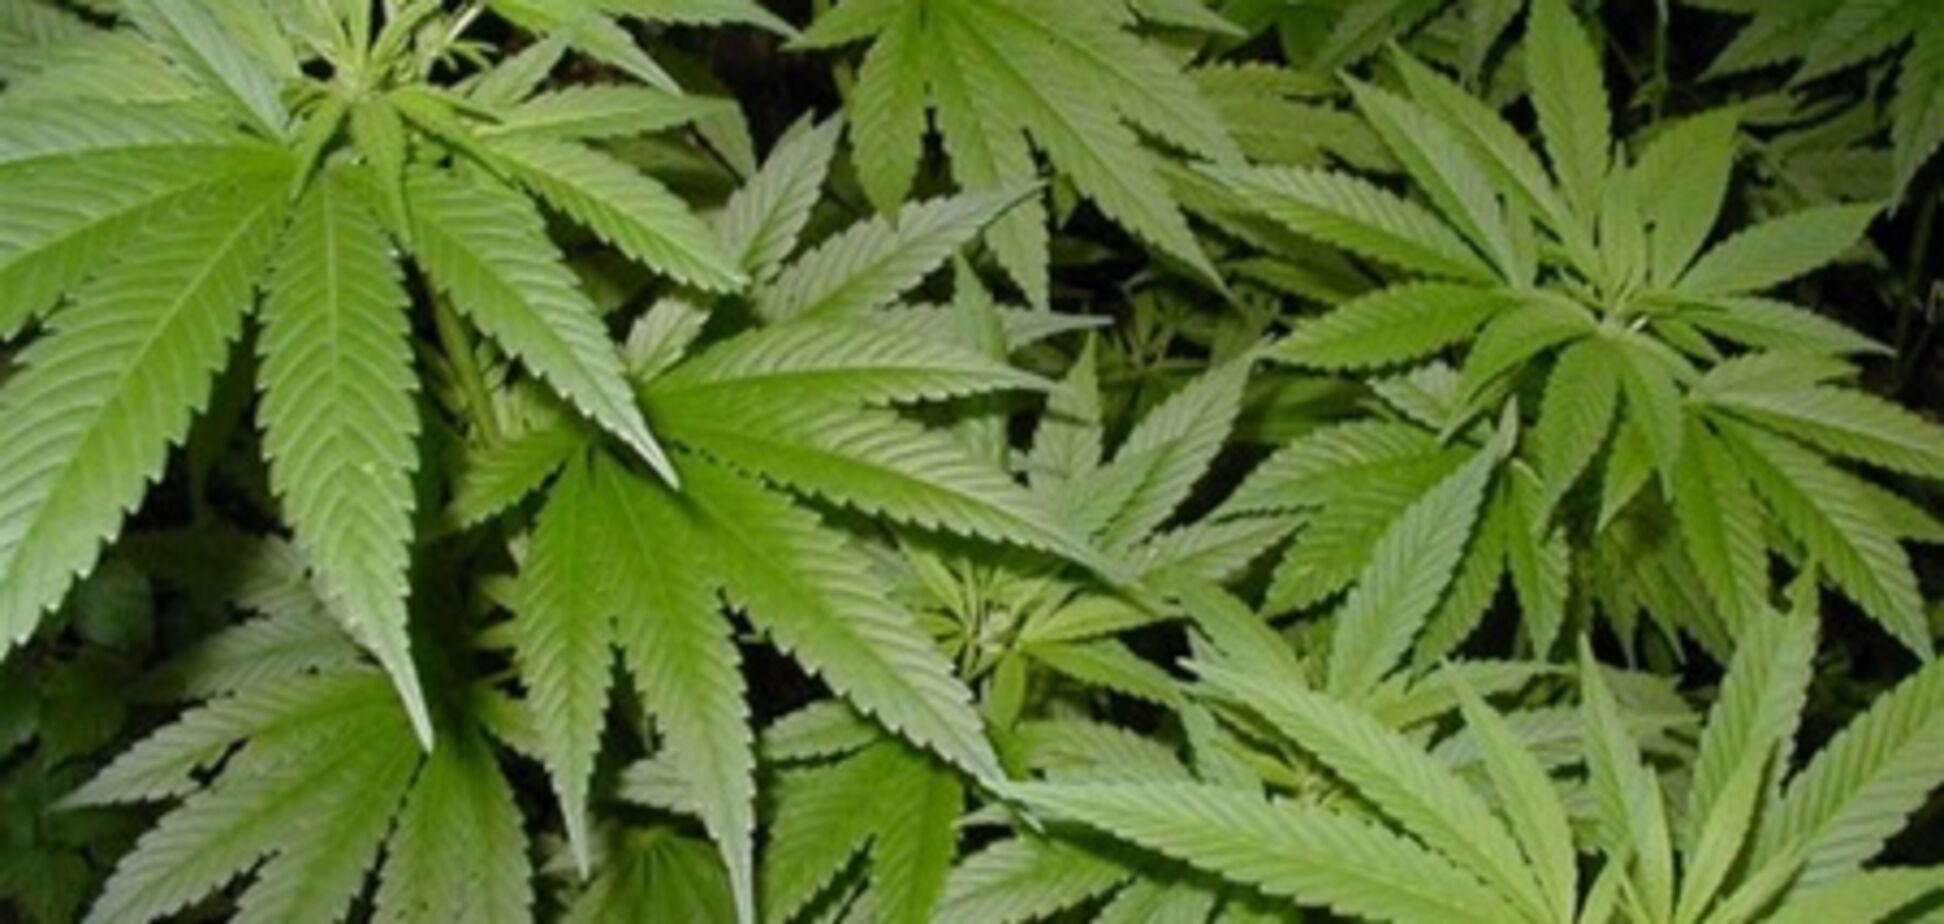 В Арізоні відкрився супермаркет для охочих самостійно вирощувати марихуану